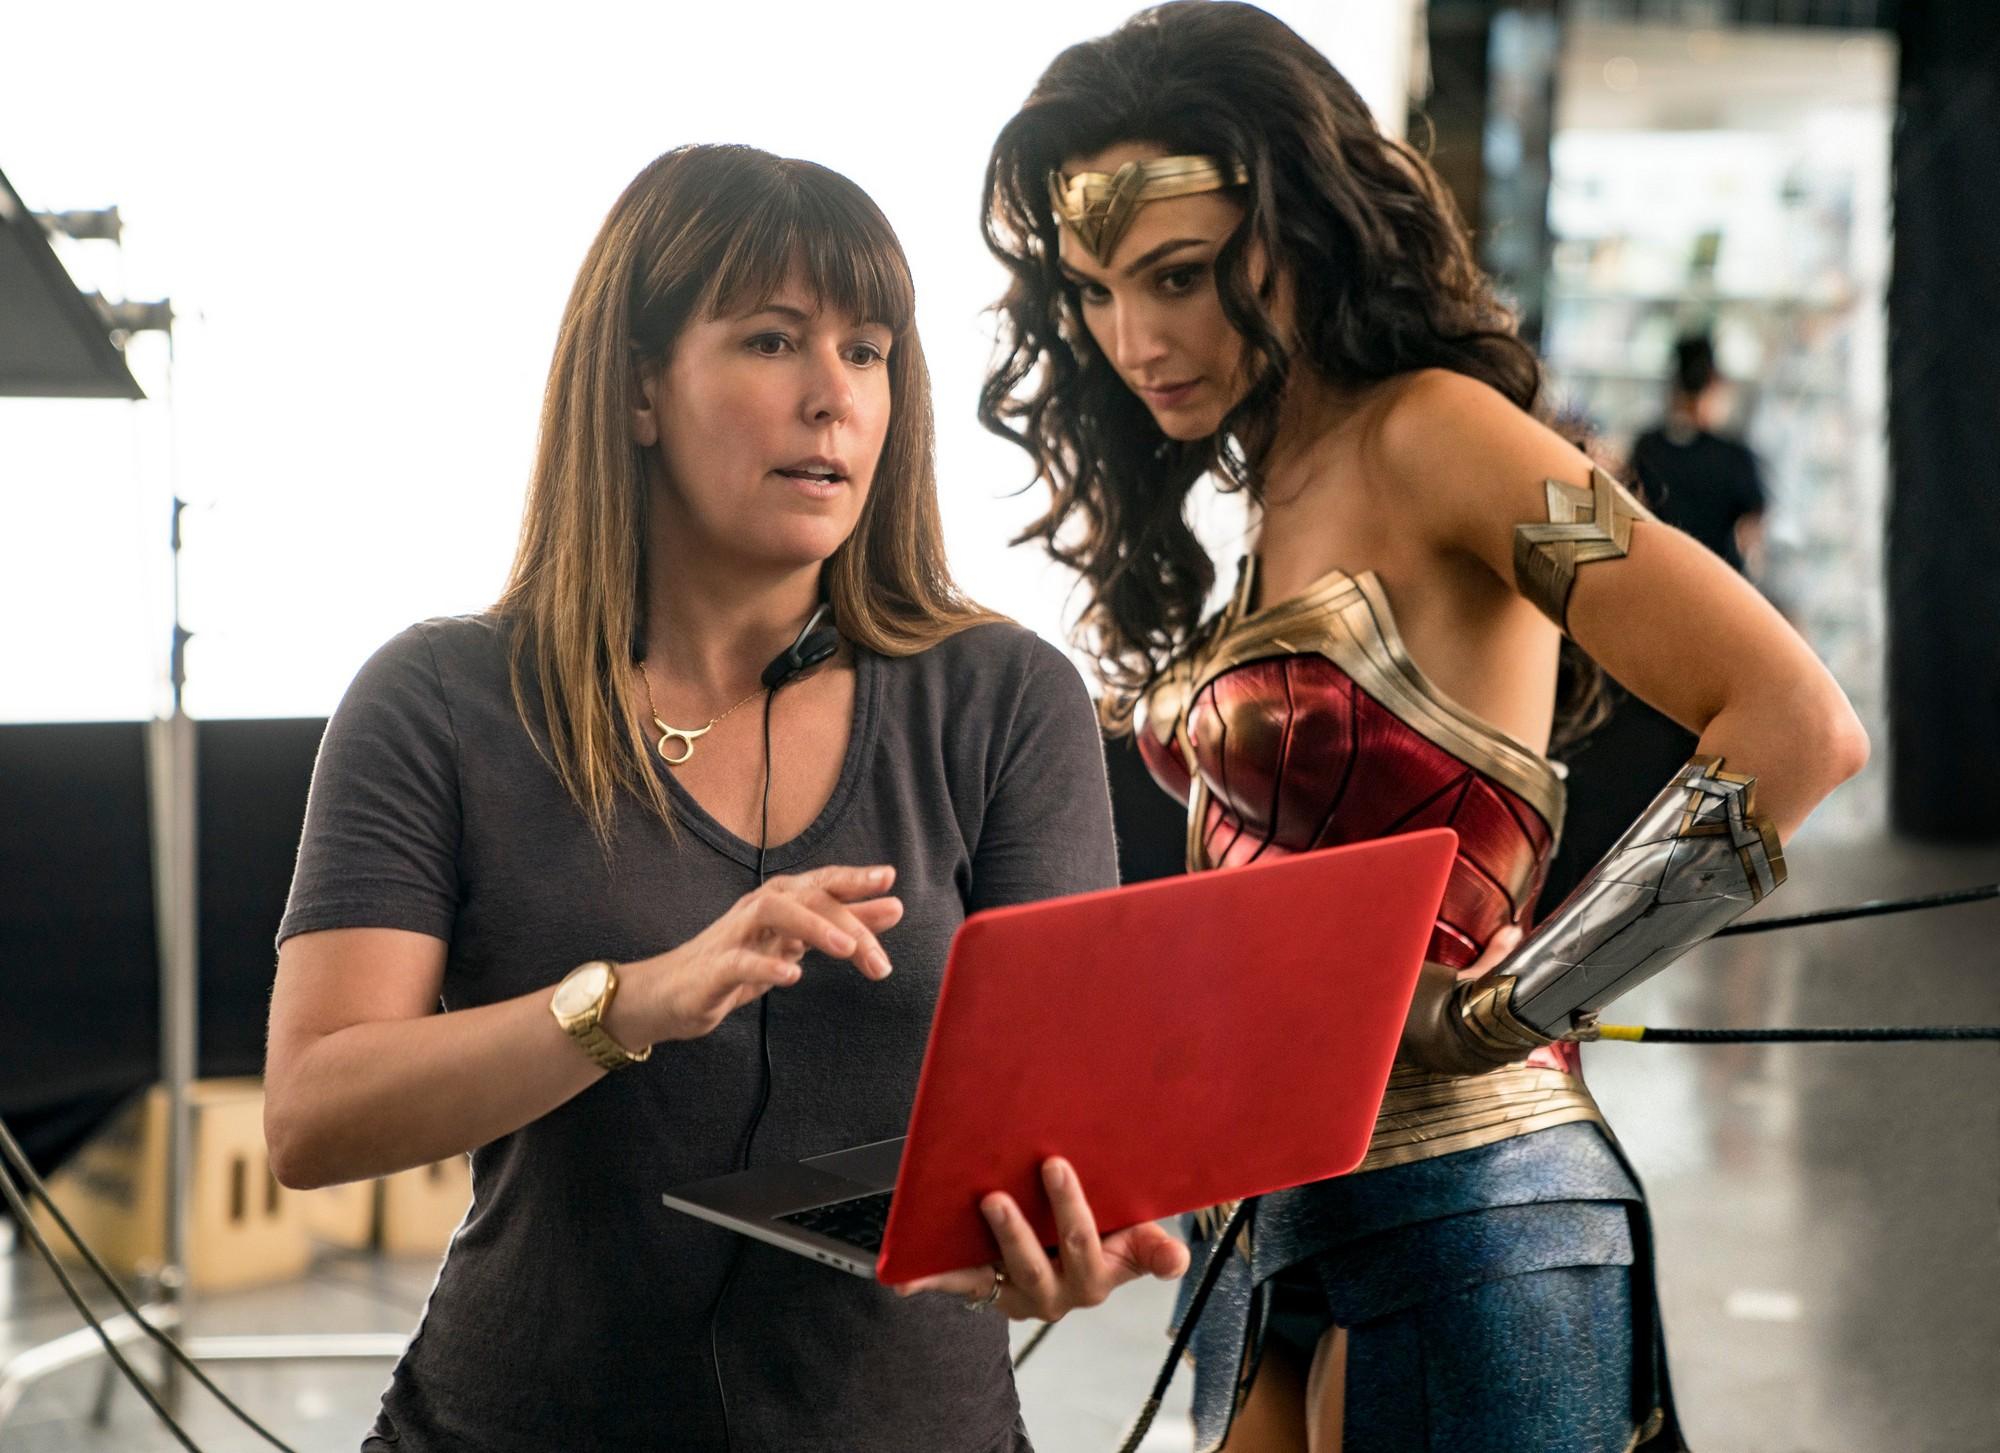 """Фильм """"Чудо-женщина 2"""" / """"Wonder Woman 1984"""" выйдет в стриминговом сервисе  HBO Max и кинотеатрах практически одновременно - в декабре 2020 года -  ITC.ua"""